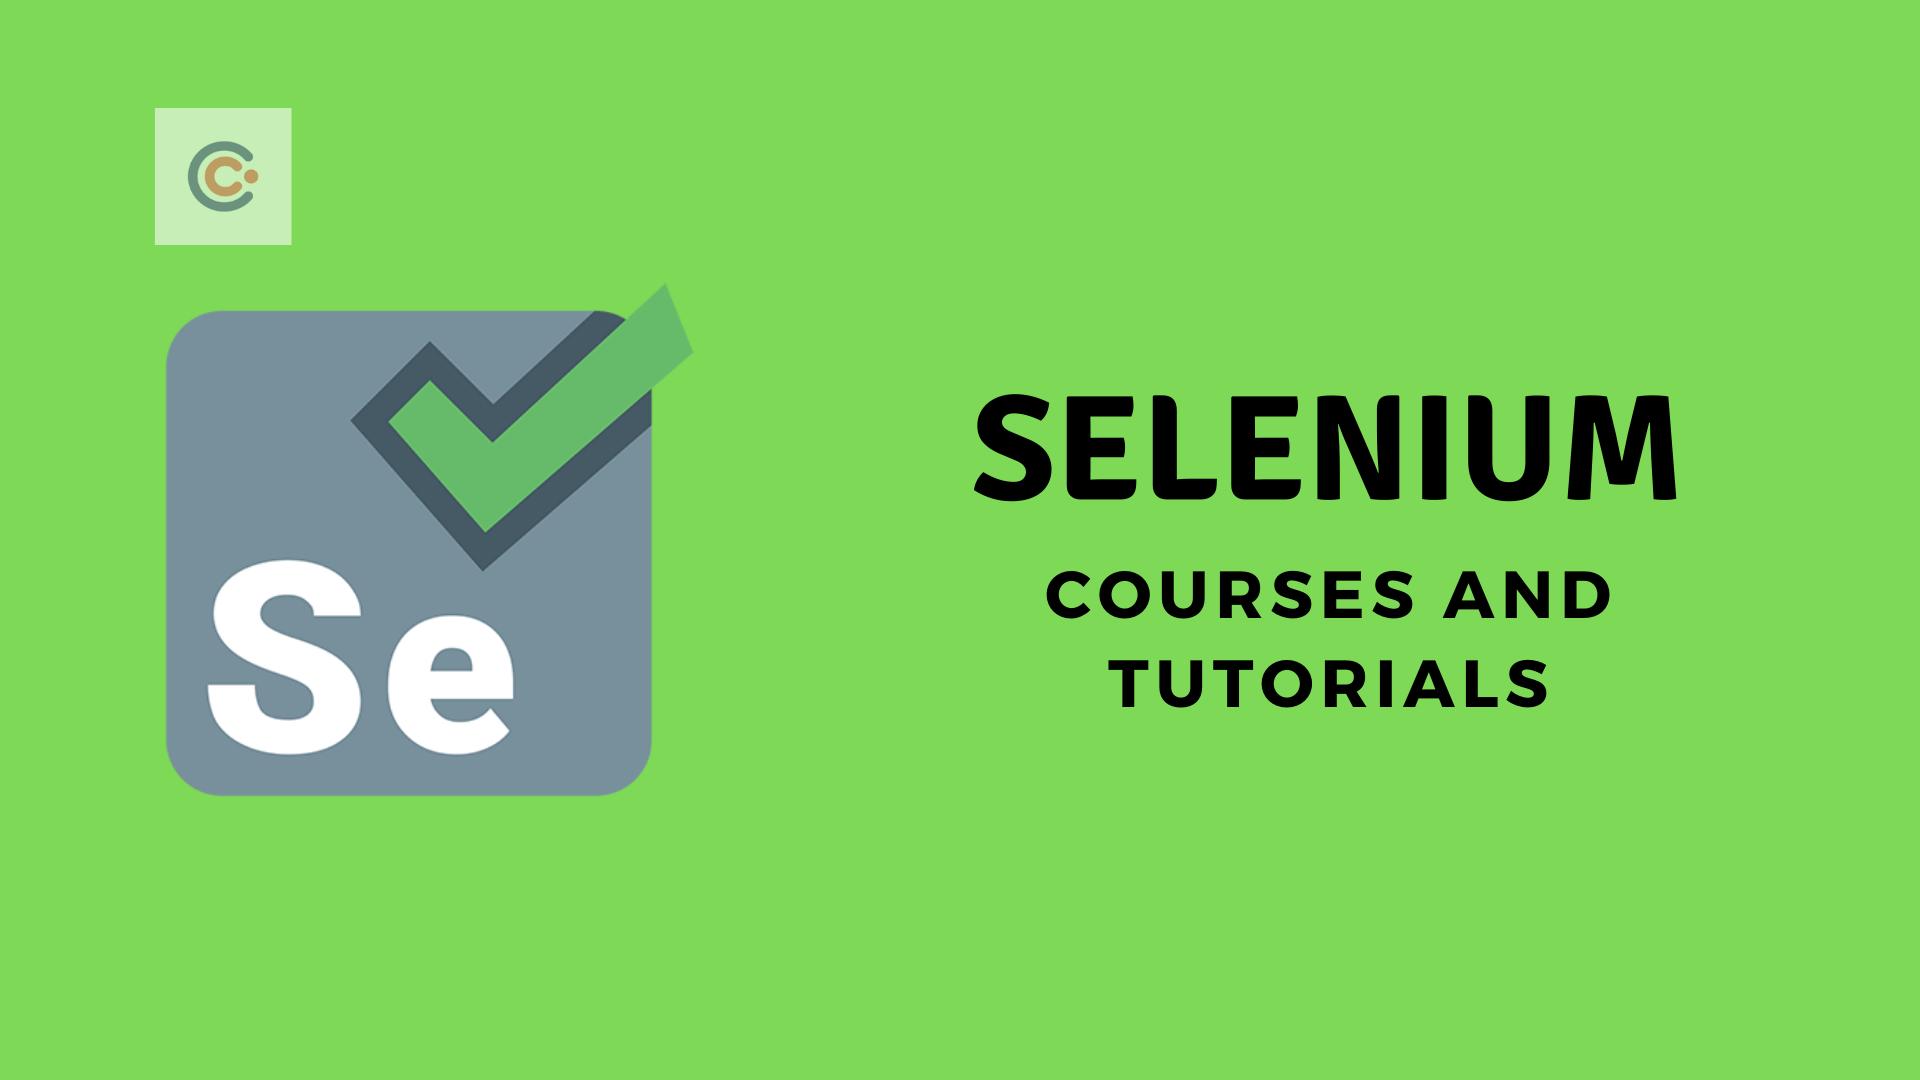 12 Best Selenium Tutorials & Courses - Learn Selenium Online